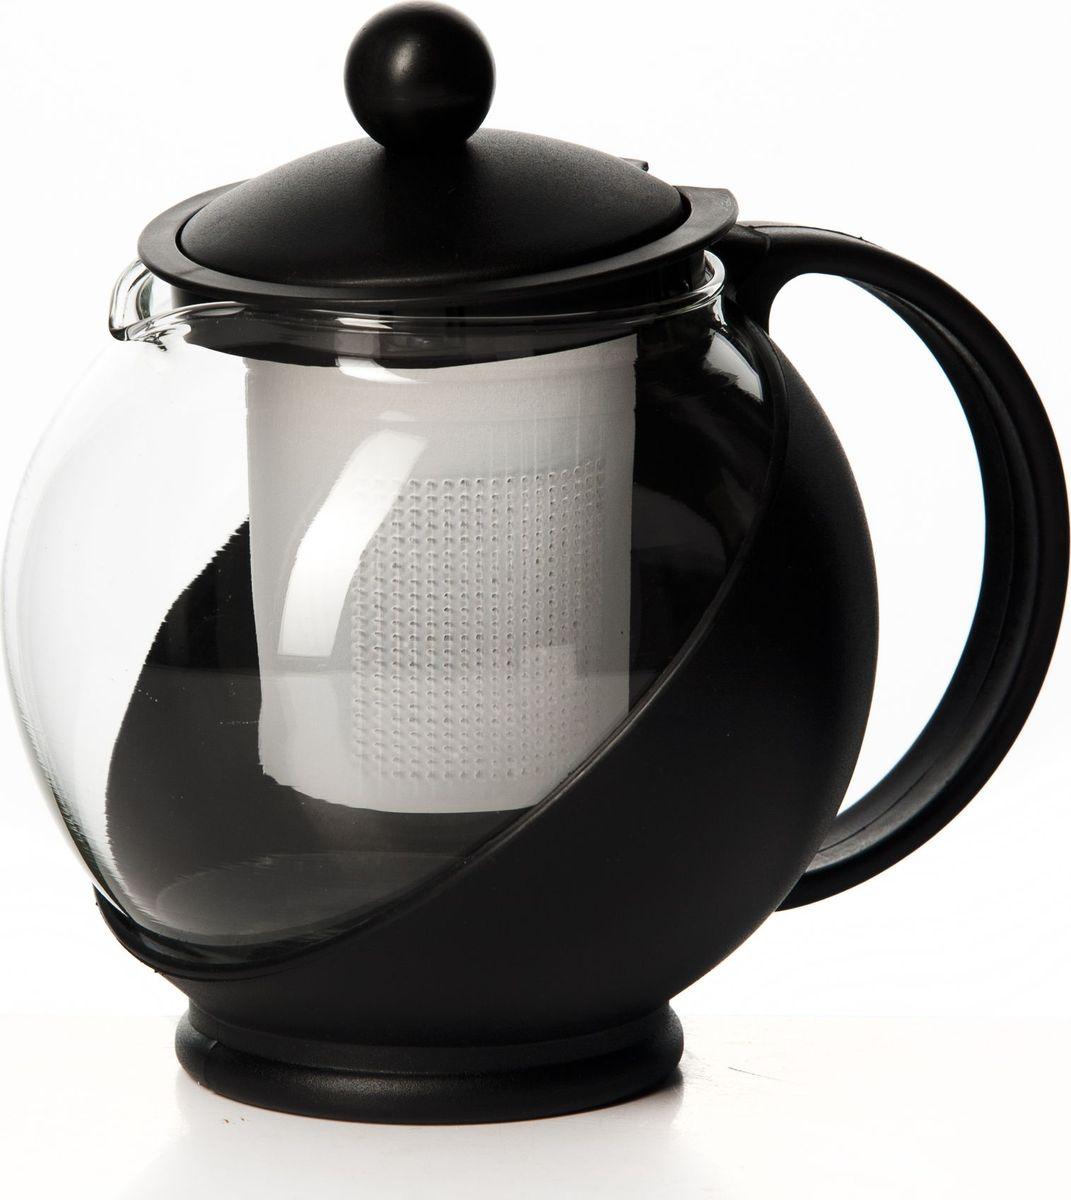 Чайник заварочный Gotoff, цвет: черный, 750 мл. XY-751P54 009312Чайник 750 мл круглый 16*14 см